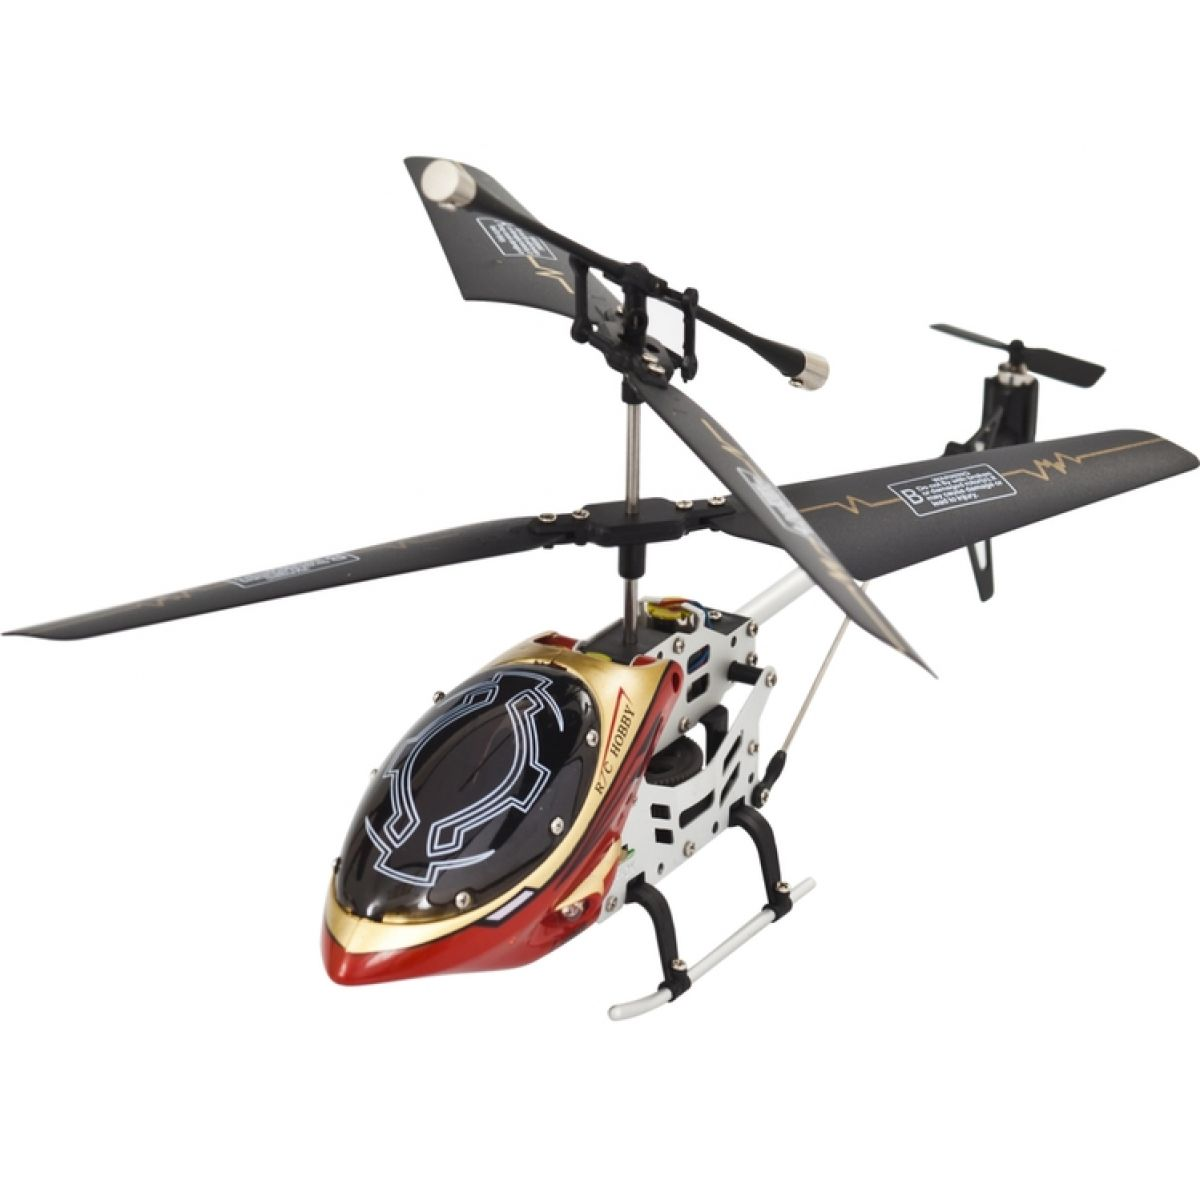 RC Vrtulník FALCON 19cm - II.jakost